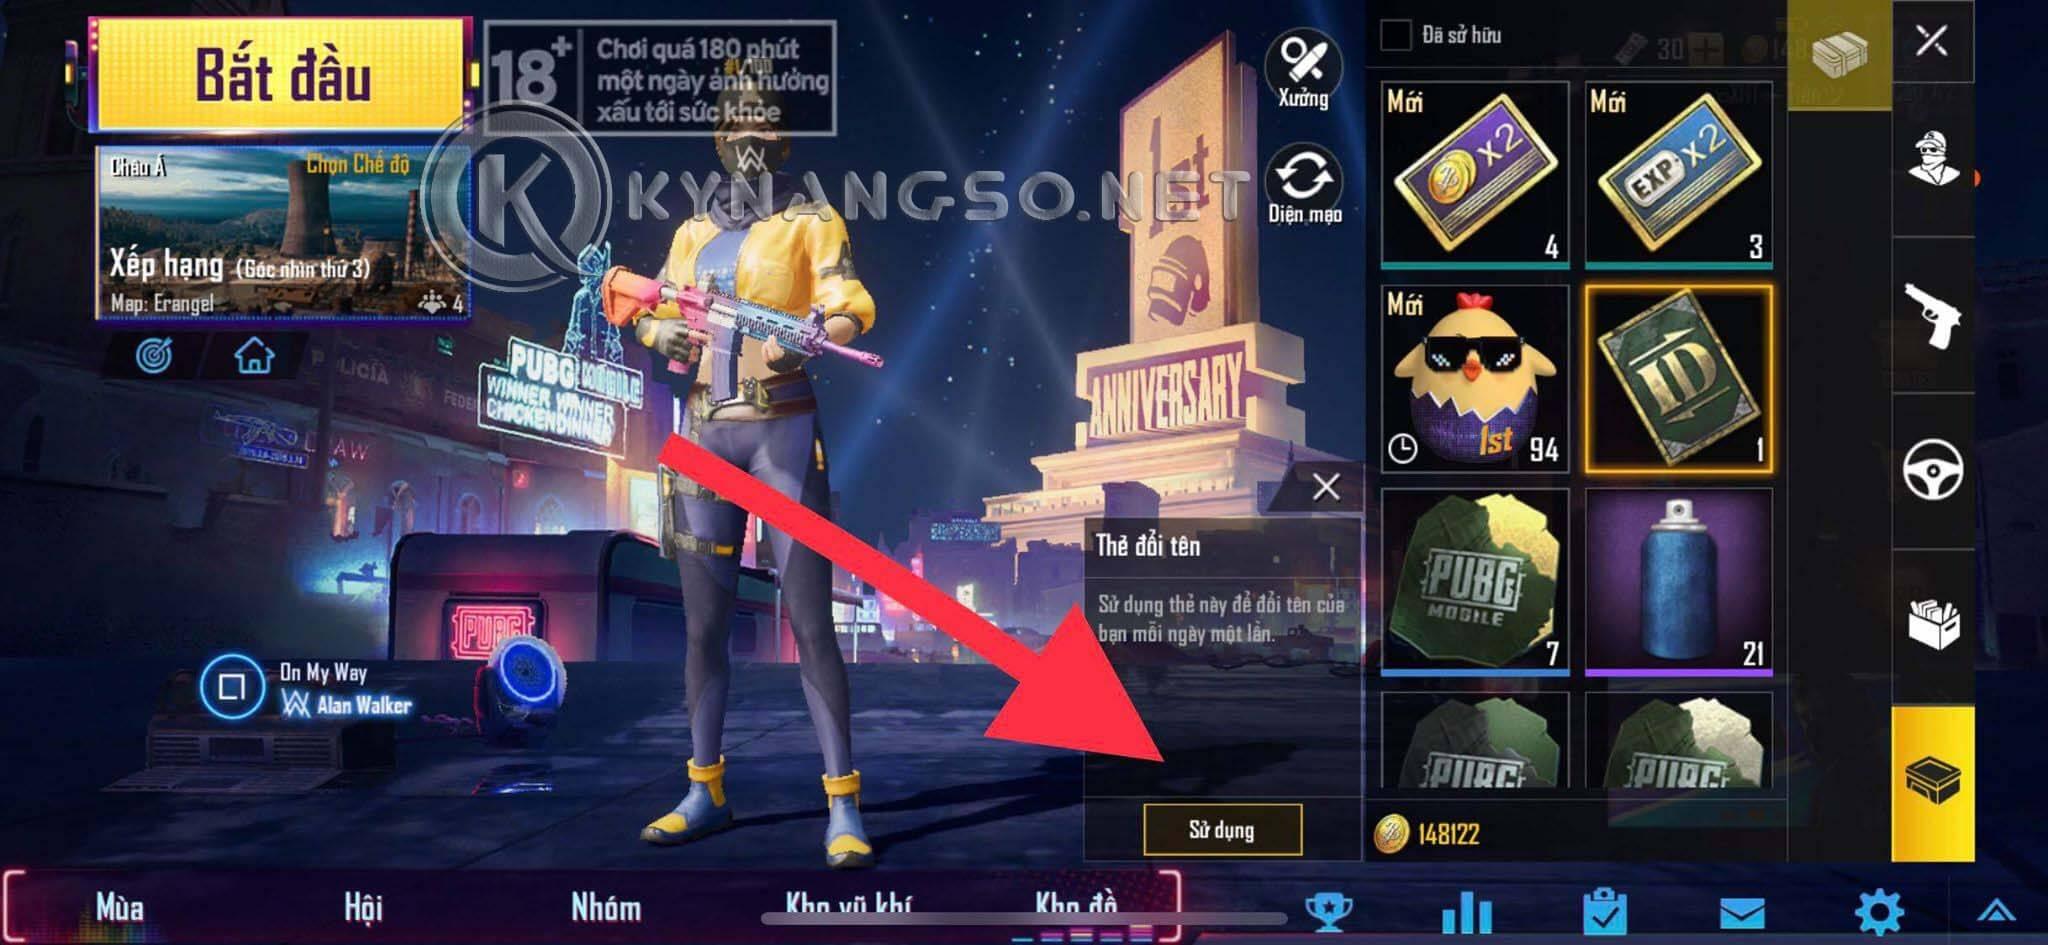 Hướng Dẫn Đổi Tên Ký Đặc Biệt Trong Game PUBG Mobile bằng Điện Thoại 4 - Hướng Dẫn Đổi Tên Ký Đặc Biệt Trong Game PUBG Mobile bằng Điện Thoại